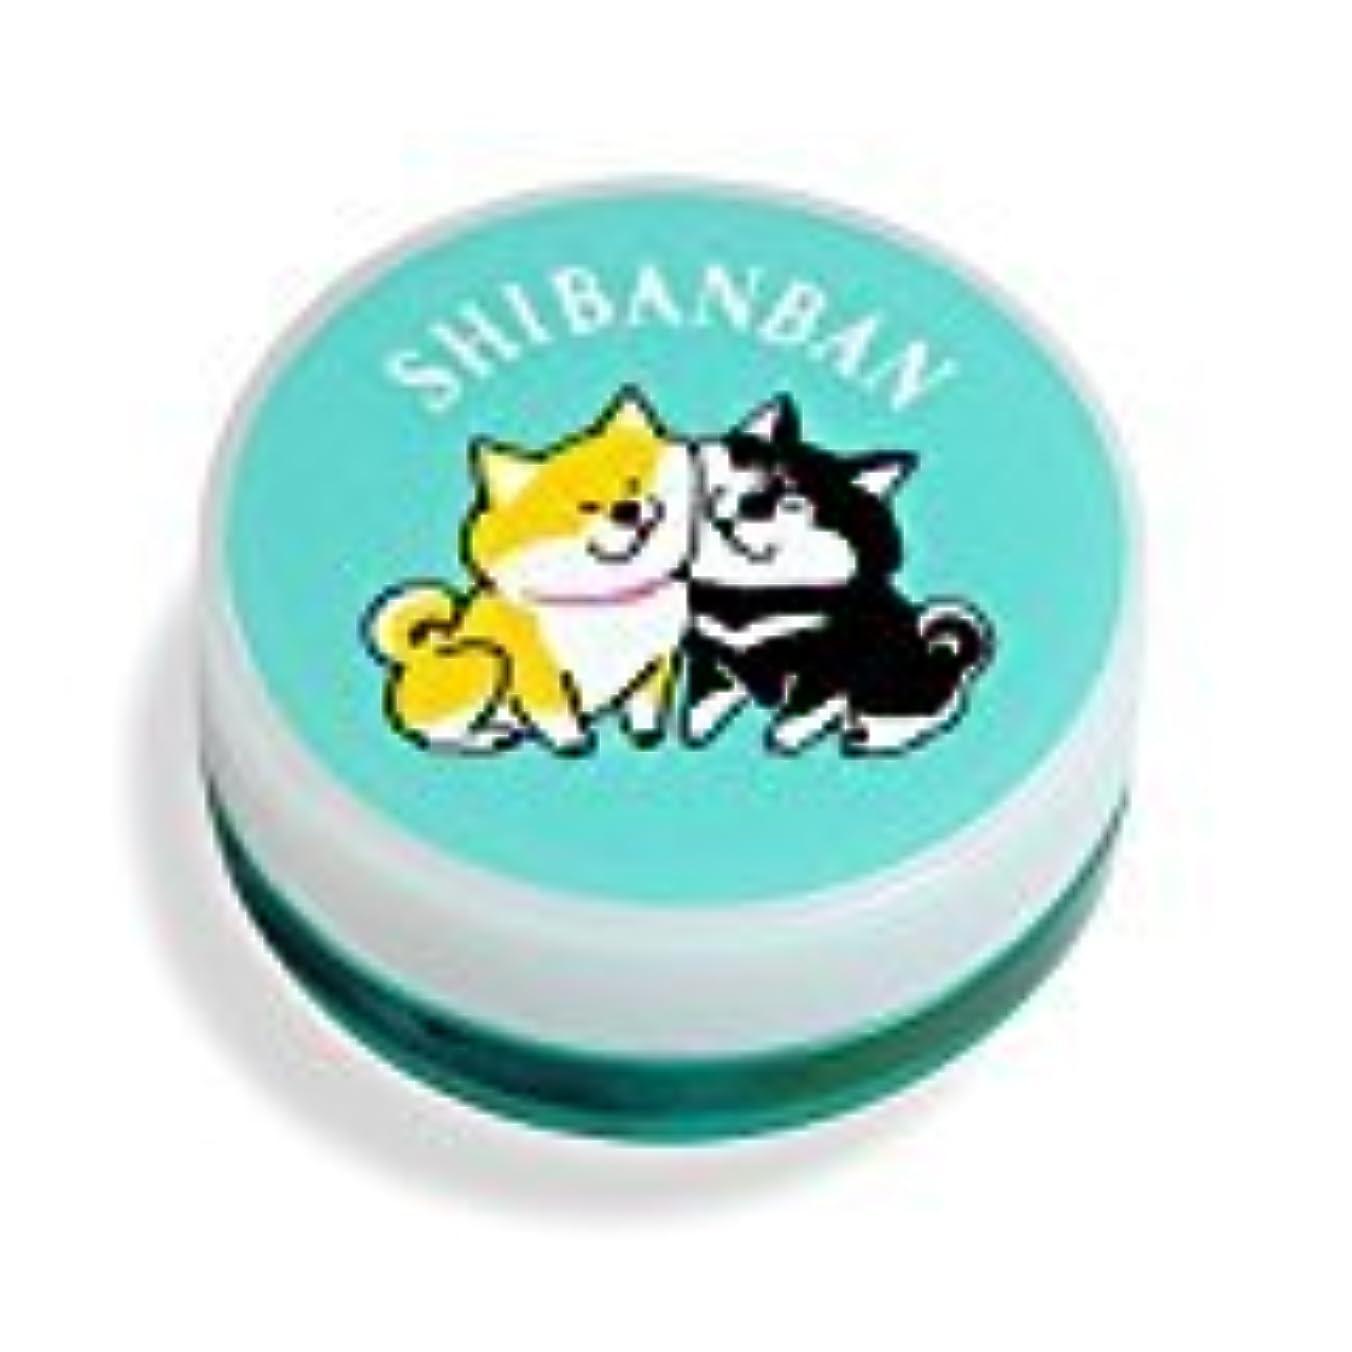 フィルタ無許可キャンセルフルプルコロン しばんばん すりすり フルーティーフローラルの香り 10g